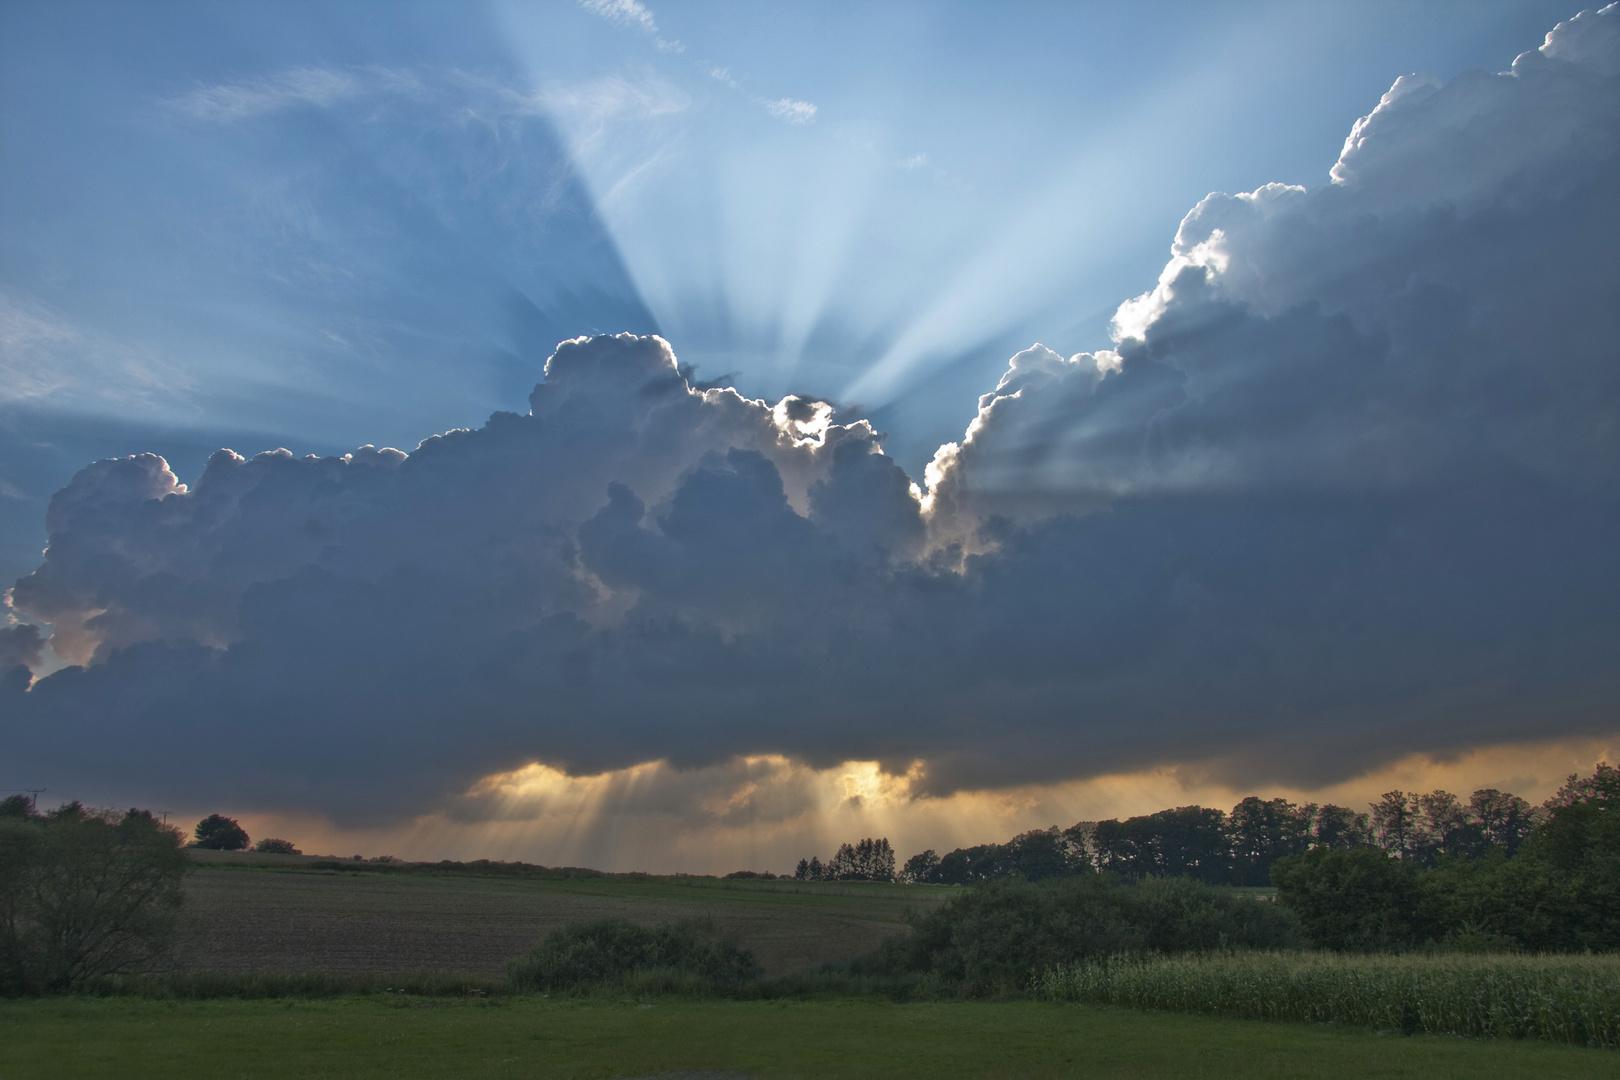 Lichtblick nach Gewitter